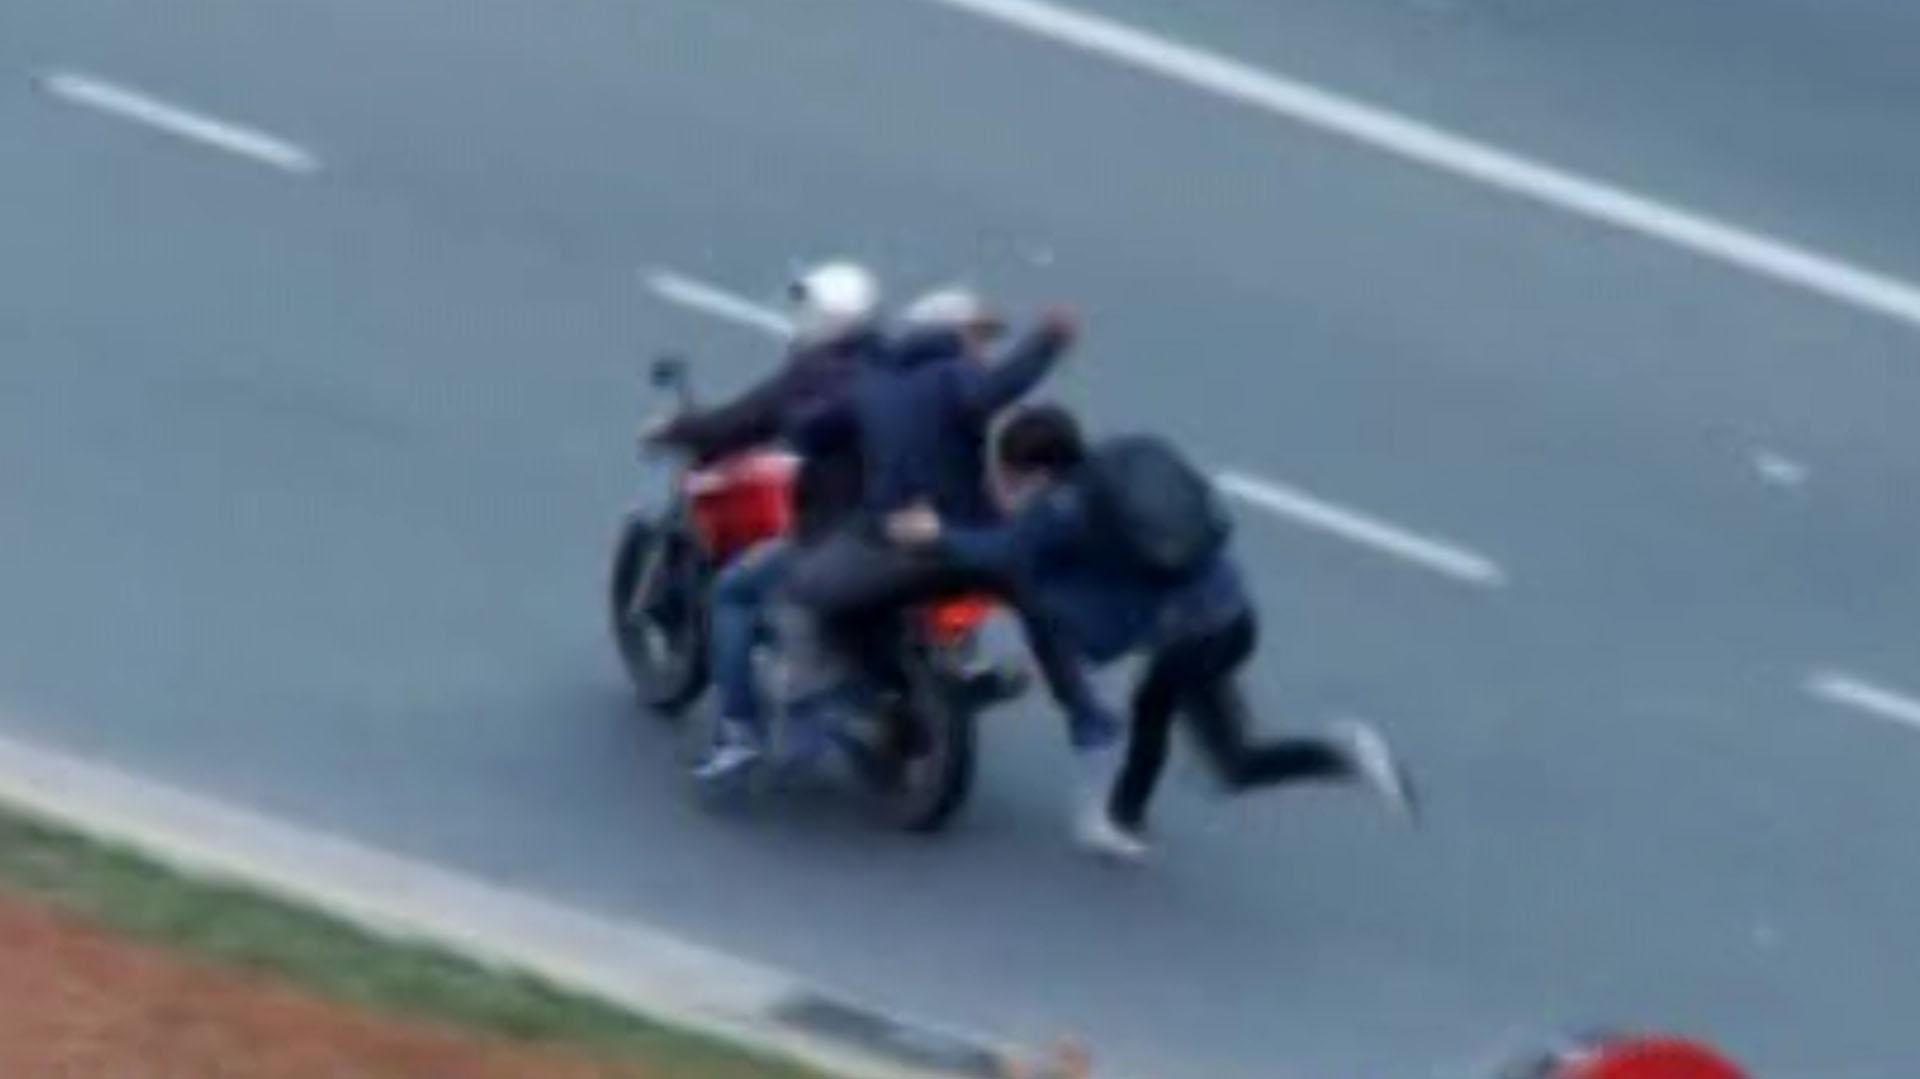 La secuencia donde un joven persigue al delincuente que le sacó su celular, recibe un golpe fuerte y cae en la calle, ante el riesgo de ser atropellado